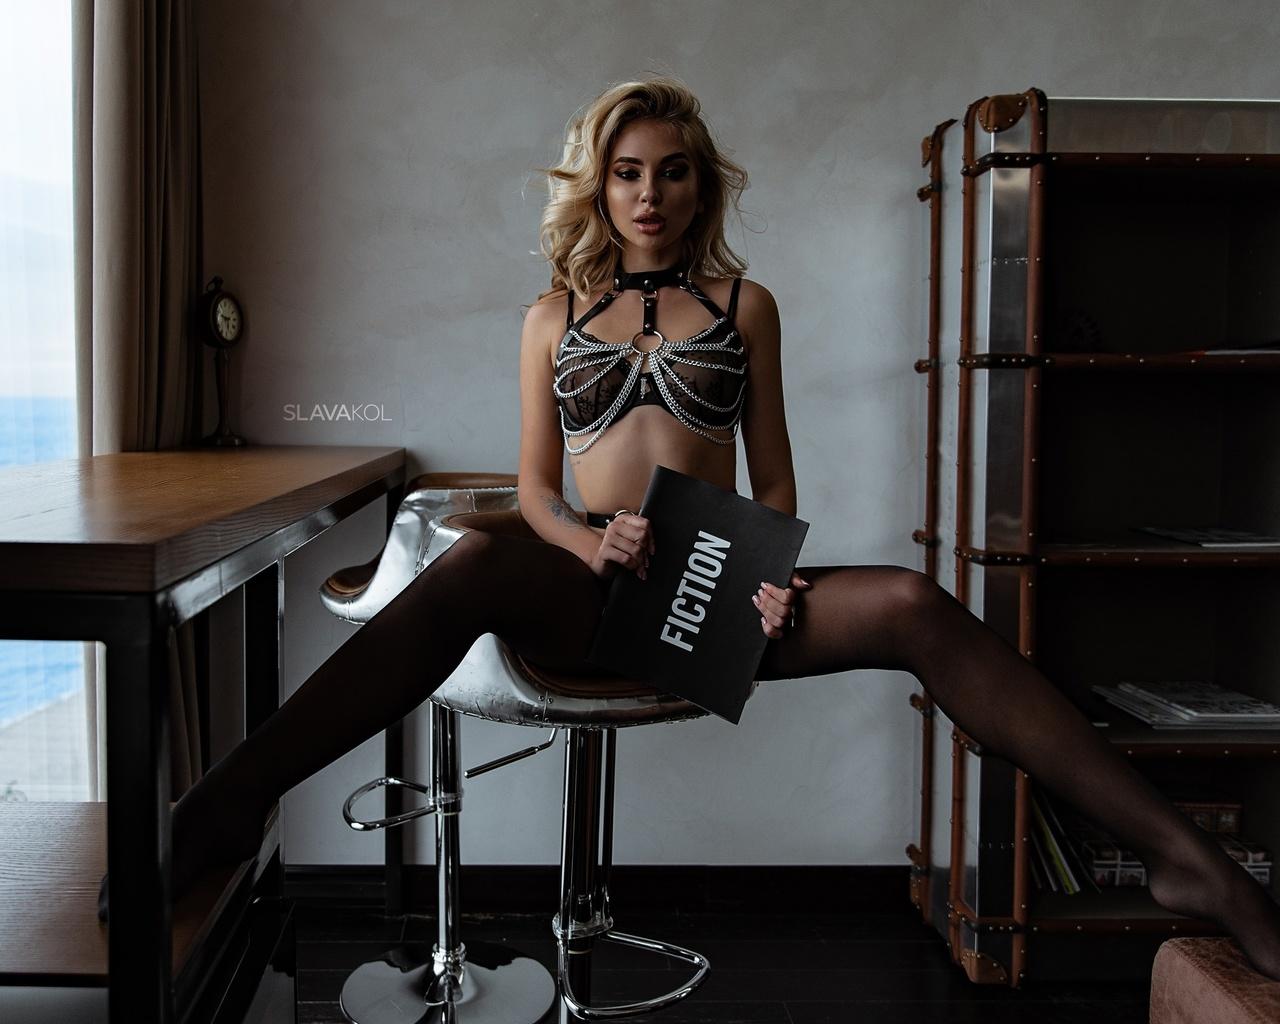 women, slava kol, blonde, brunette, sitting, black lingerie, strategic covering, women indoors, tattoo, see-through bra, wooden floor, books